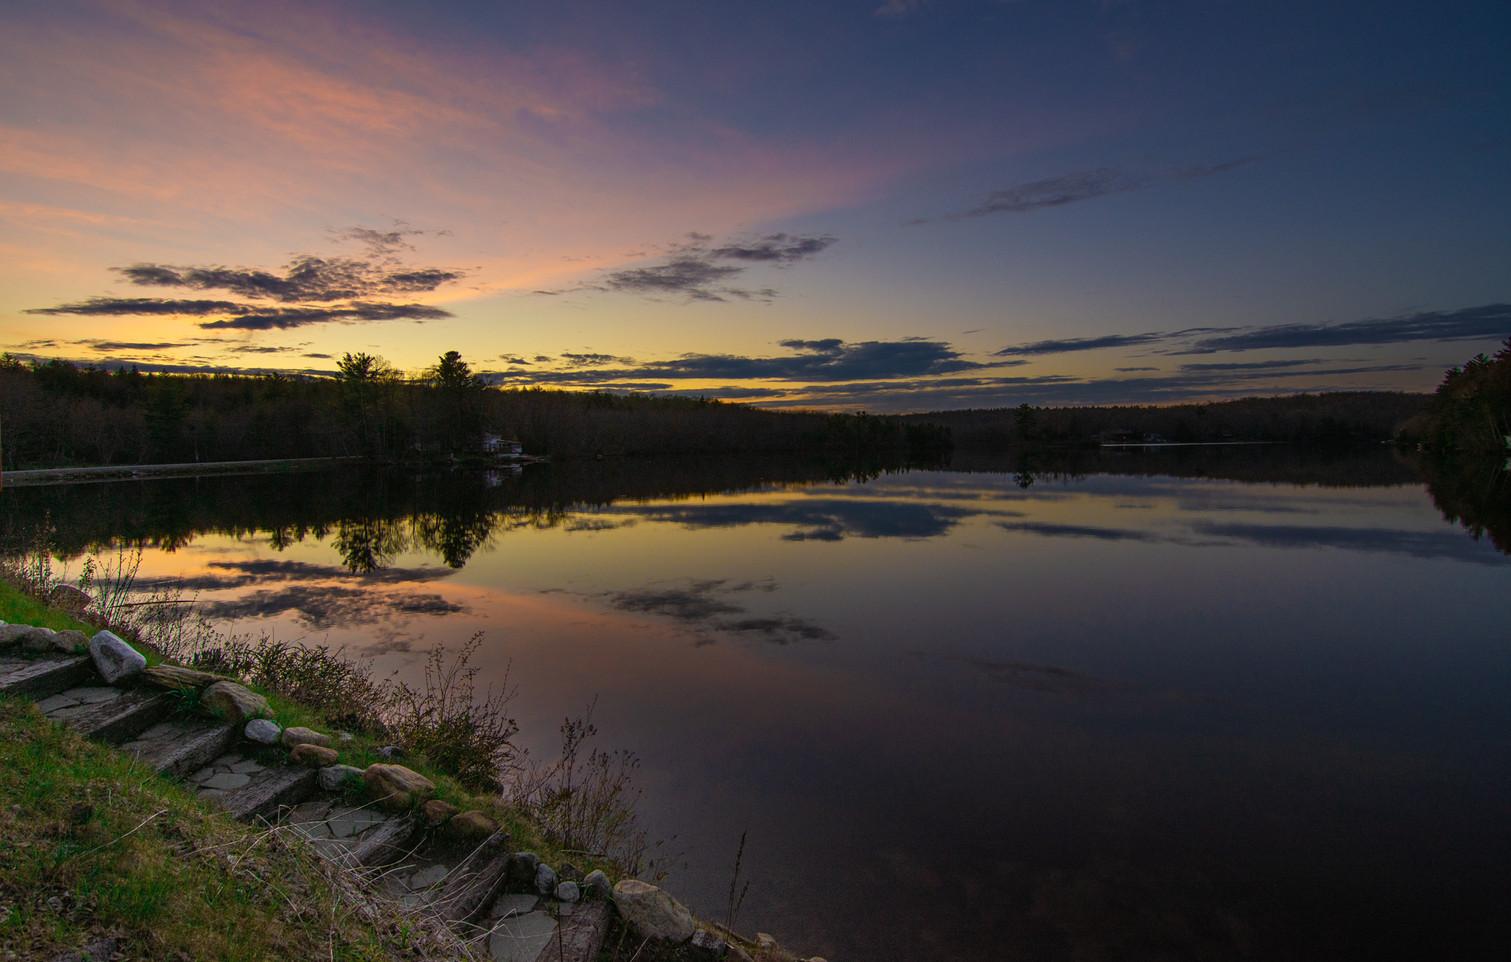 sunset lake desolation.jpg